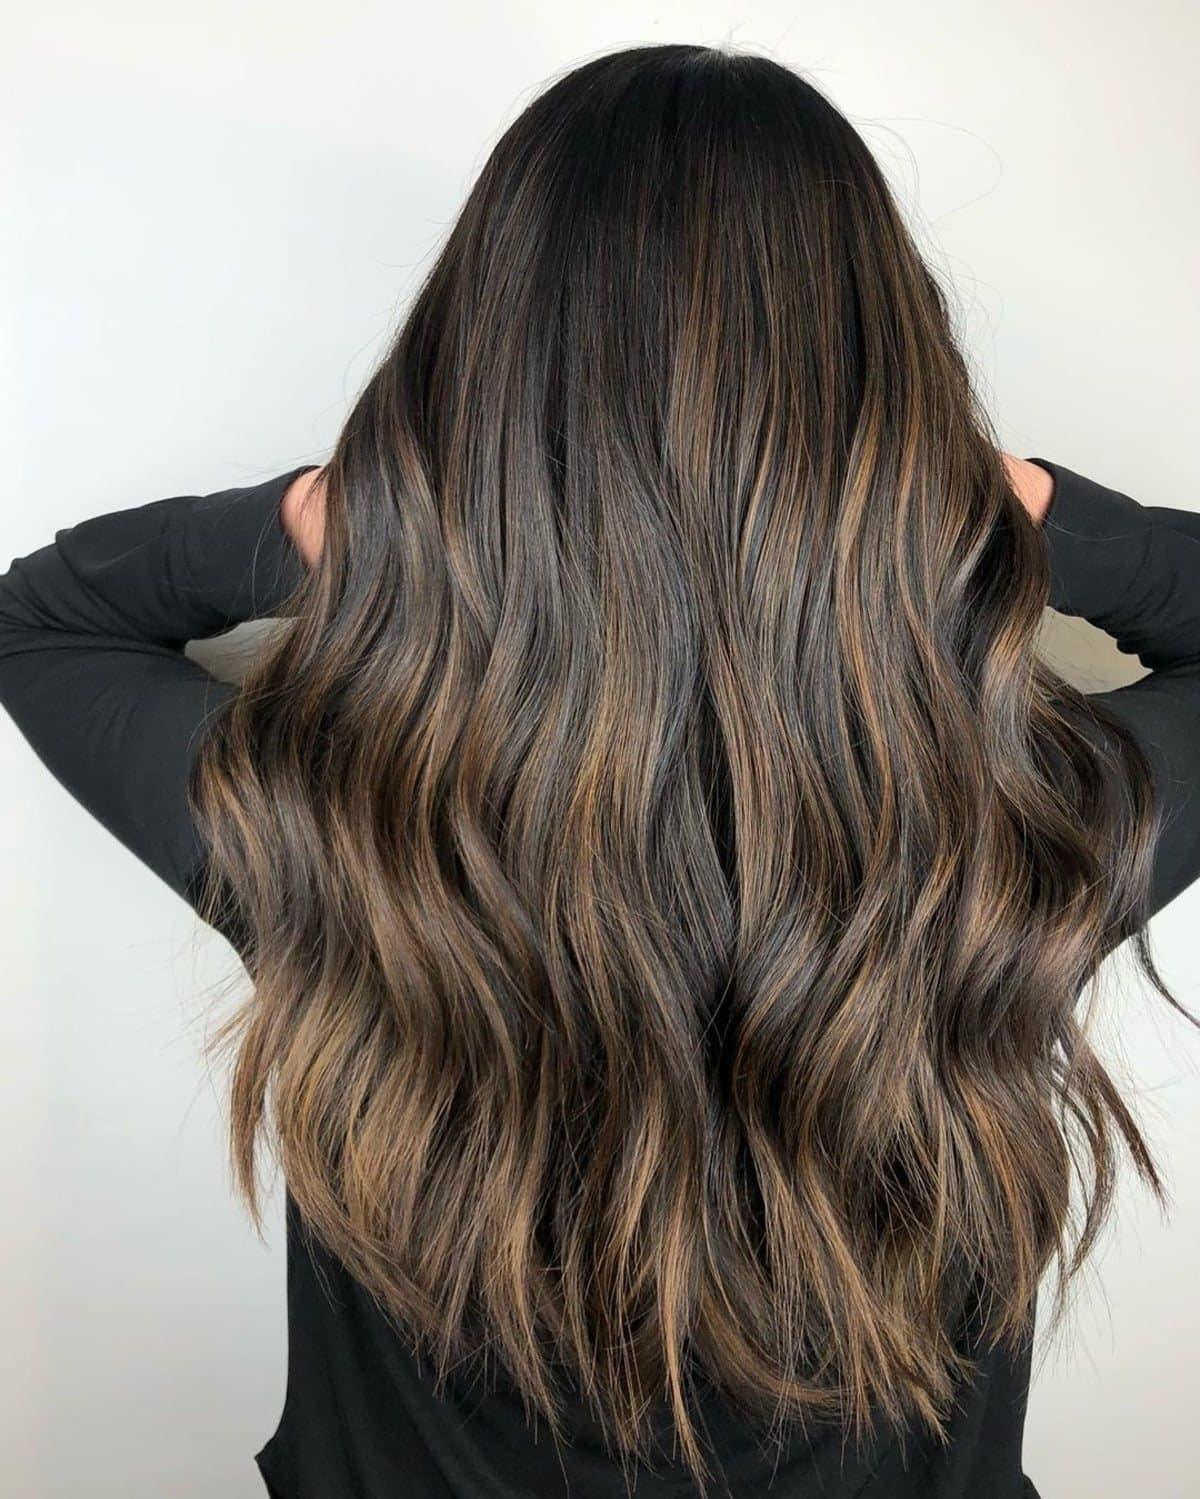 Cheveux foncés avec des reflets marron clair